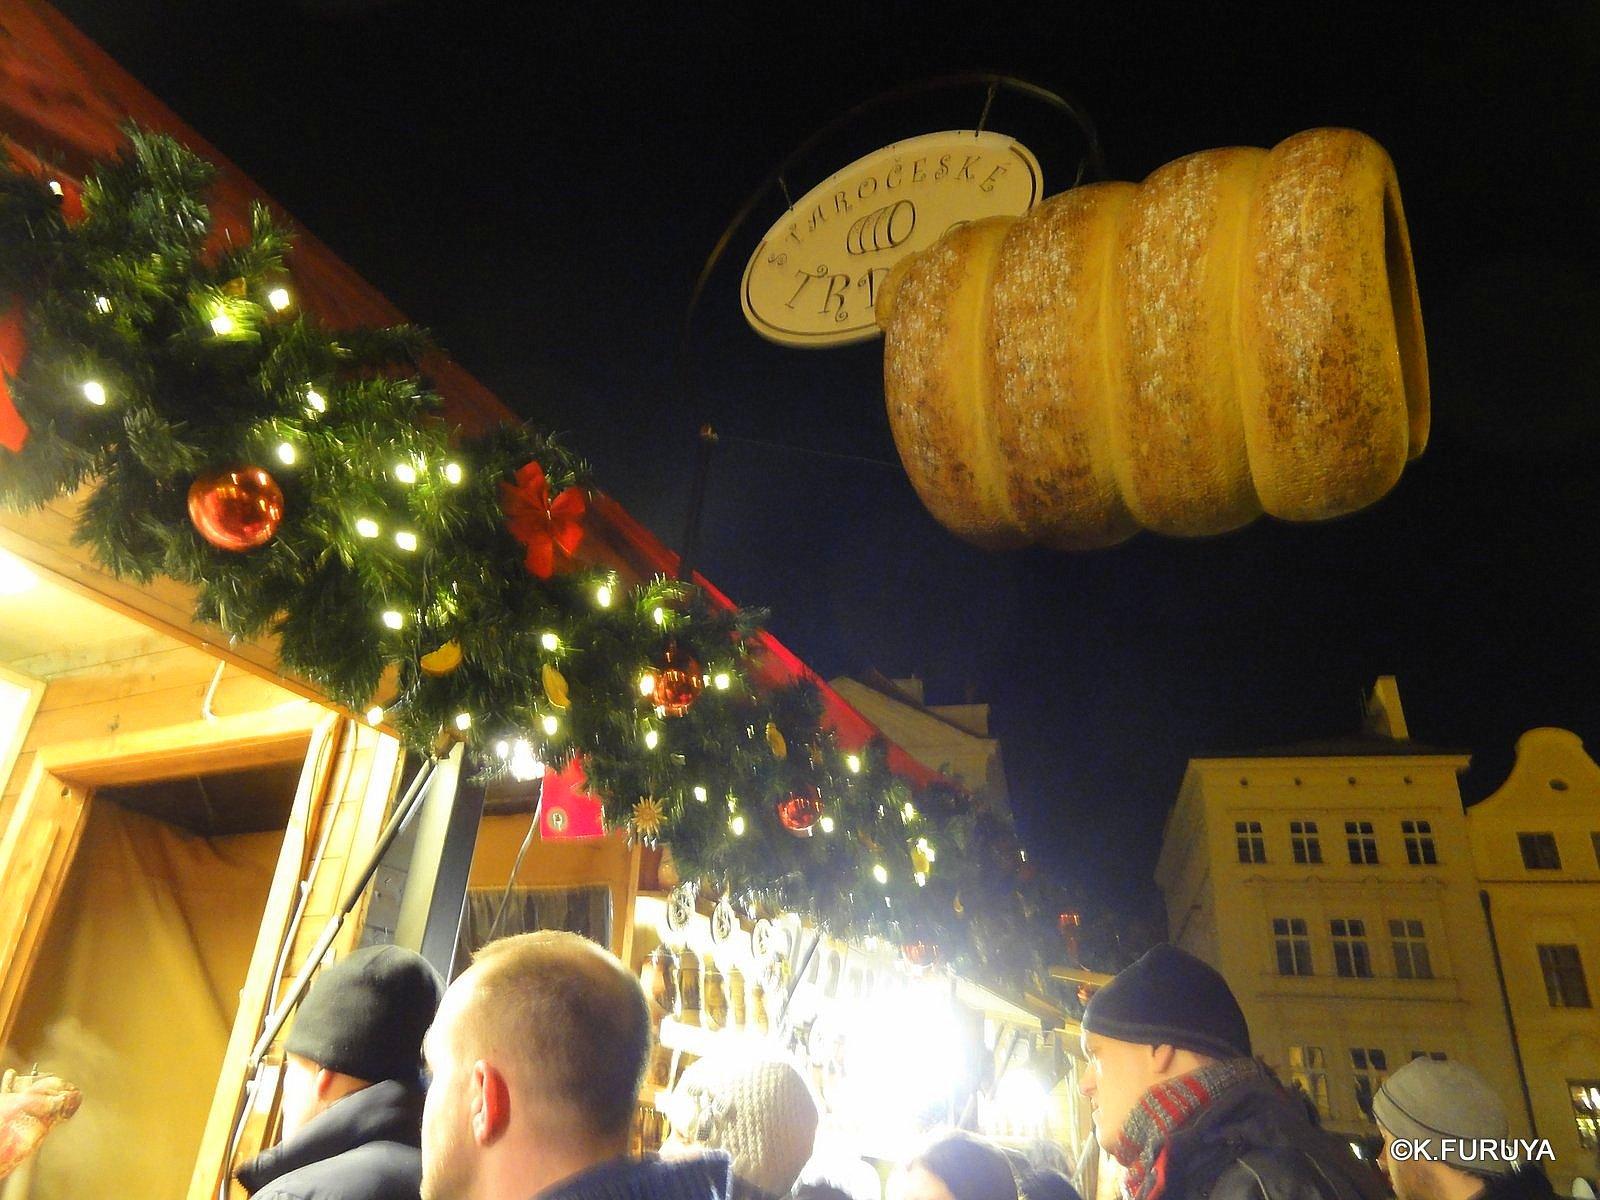 プラハ 14 旧市街広場のクリスマスマーケット_a0092659_22481643.jpg